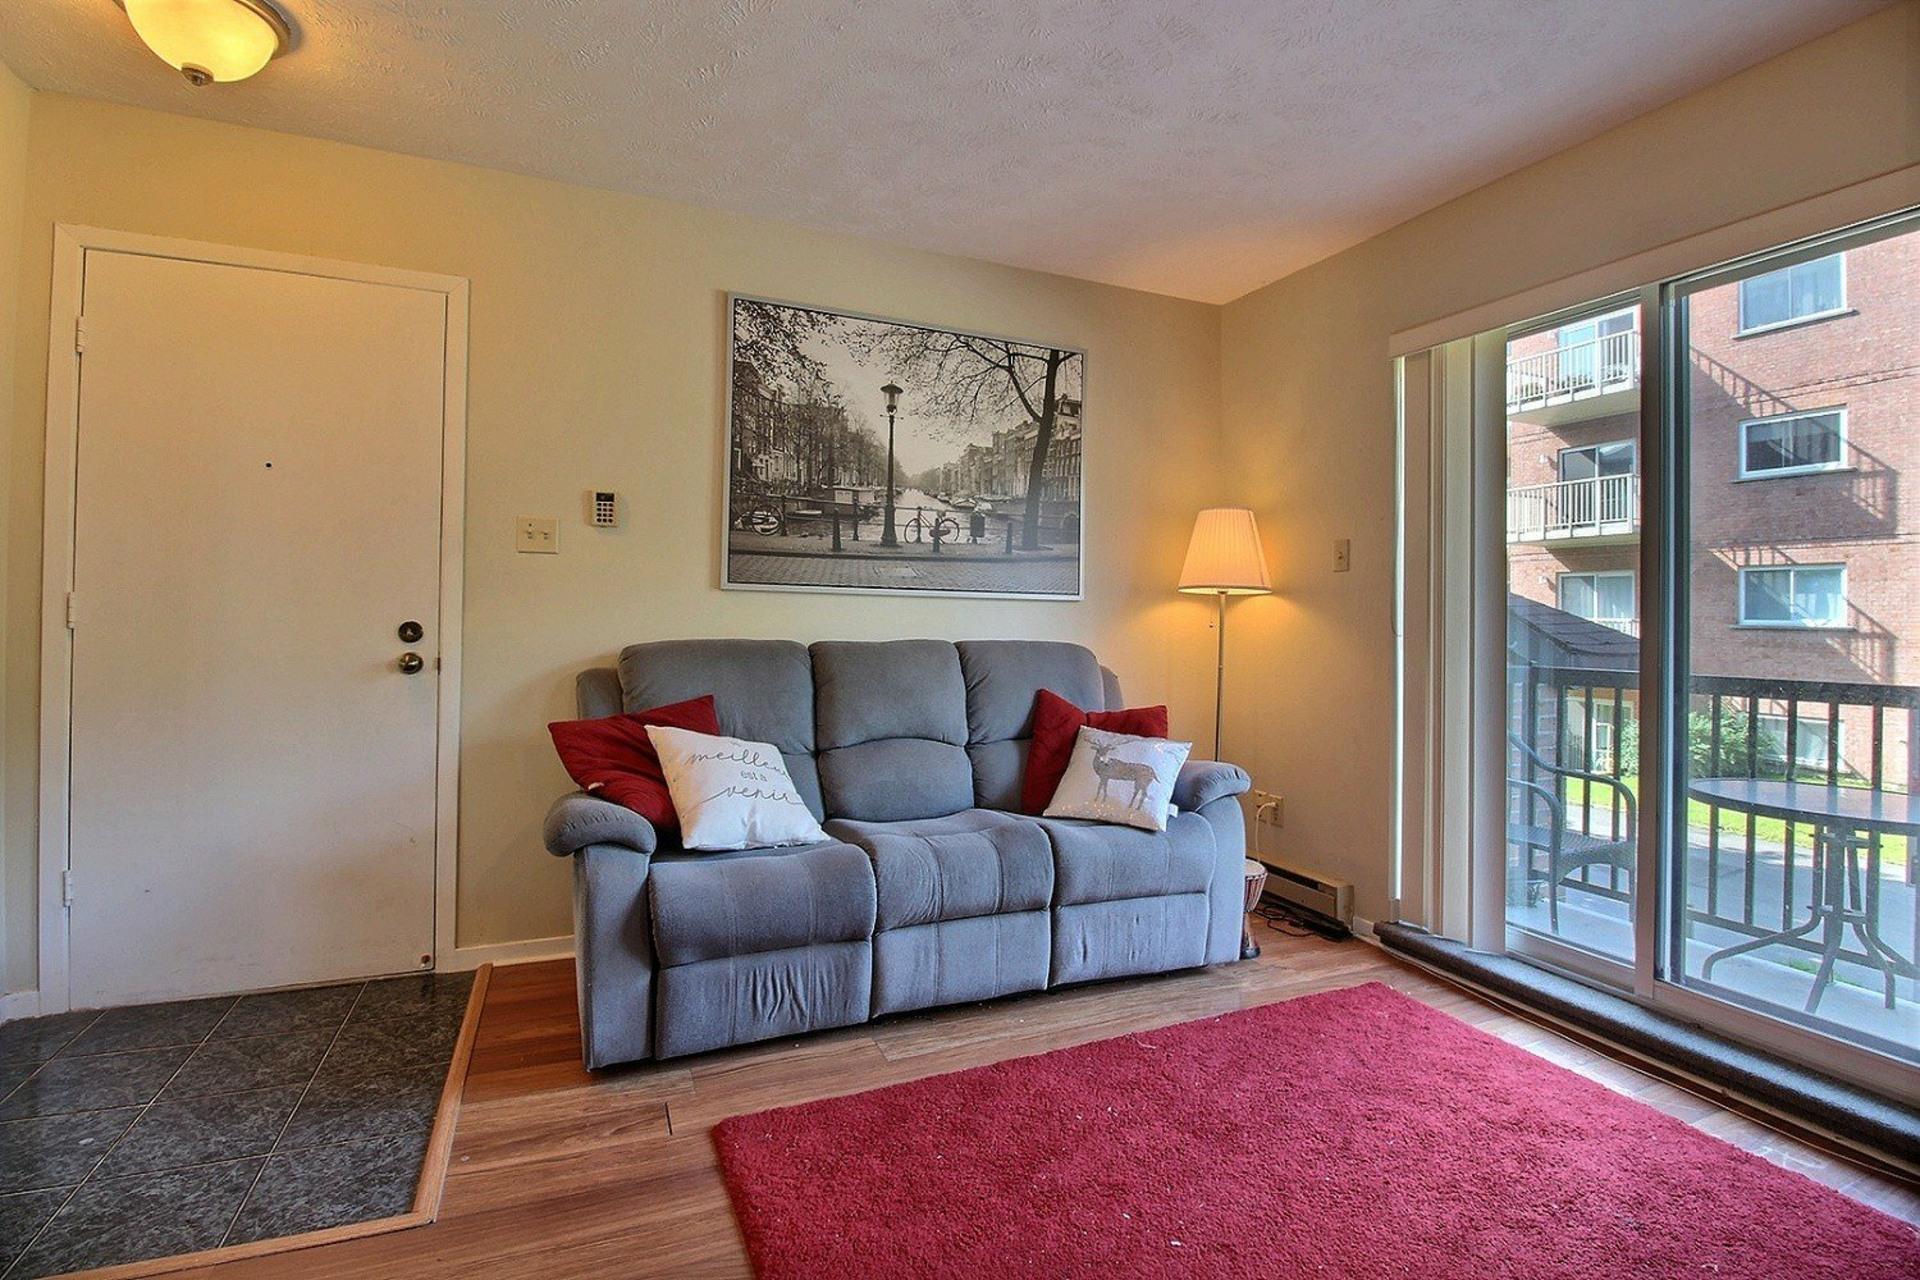 image 2 - Appartement À vendre Boucherville - 5 pièces